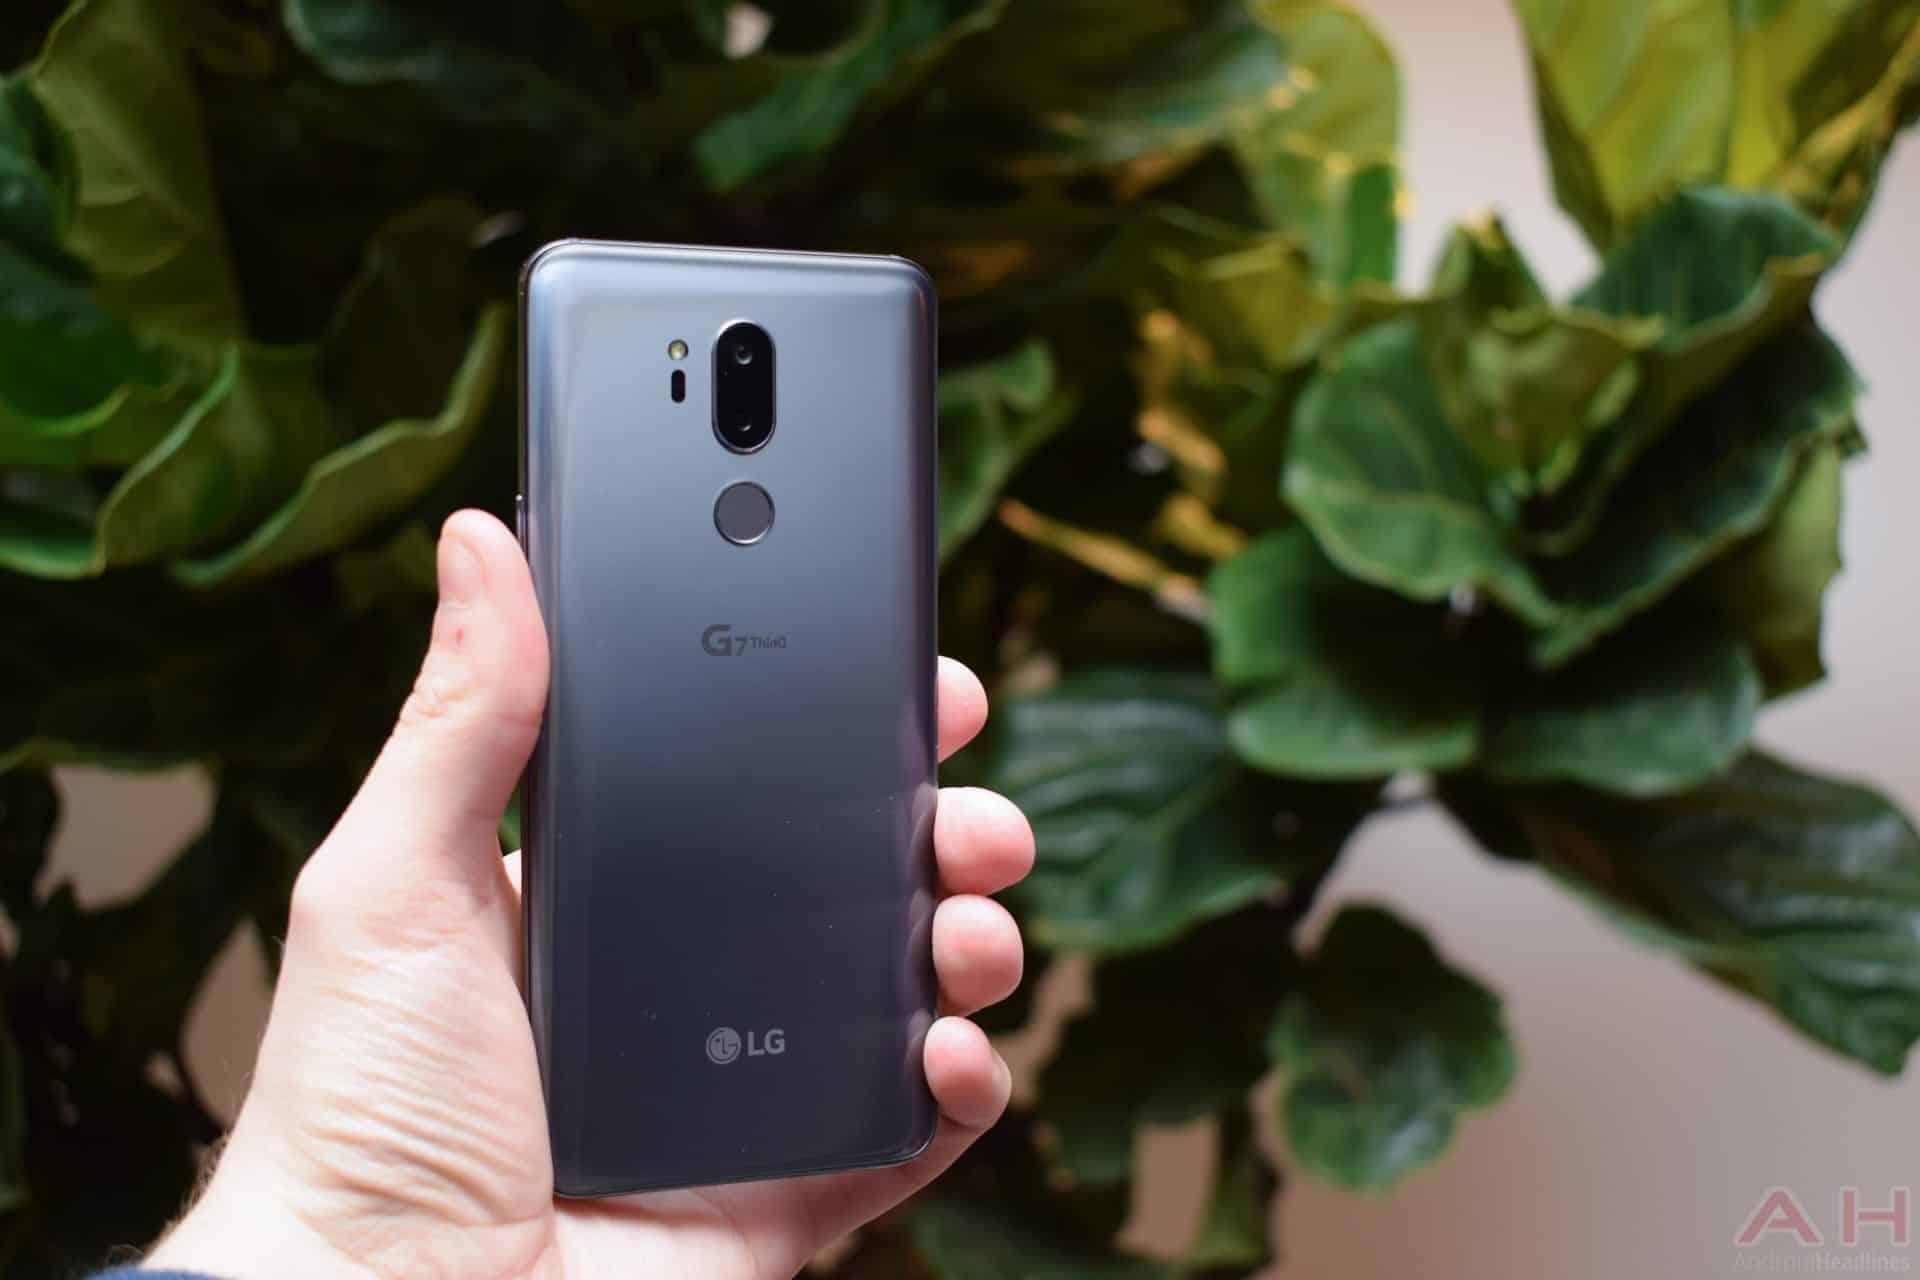 LG G7 ThinQ AM AH 12